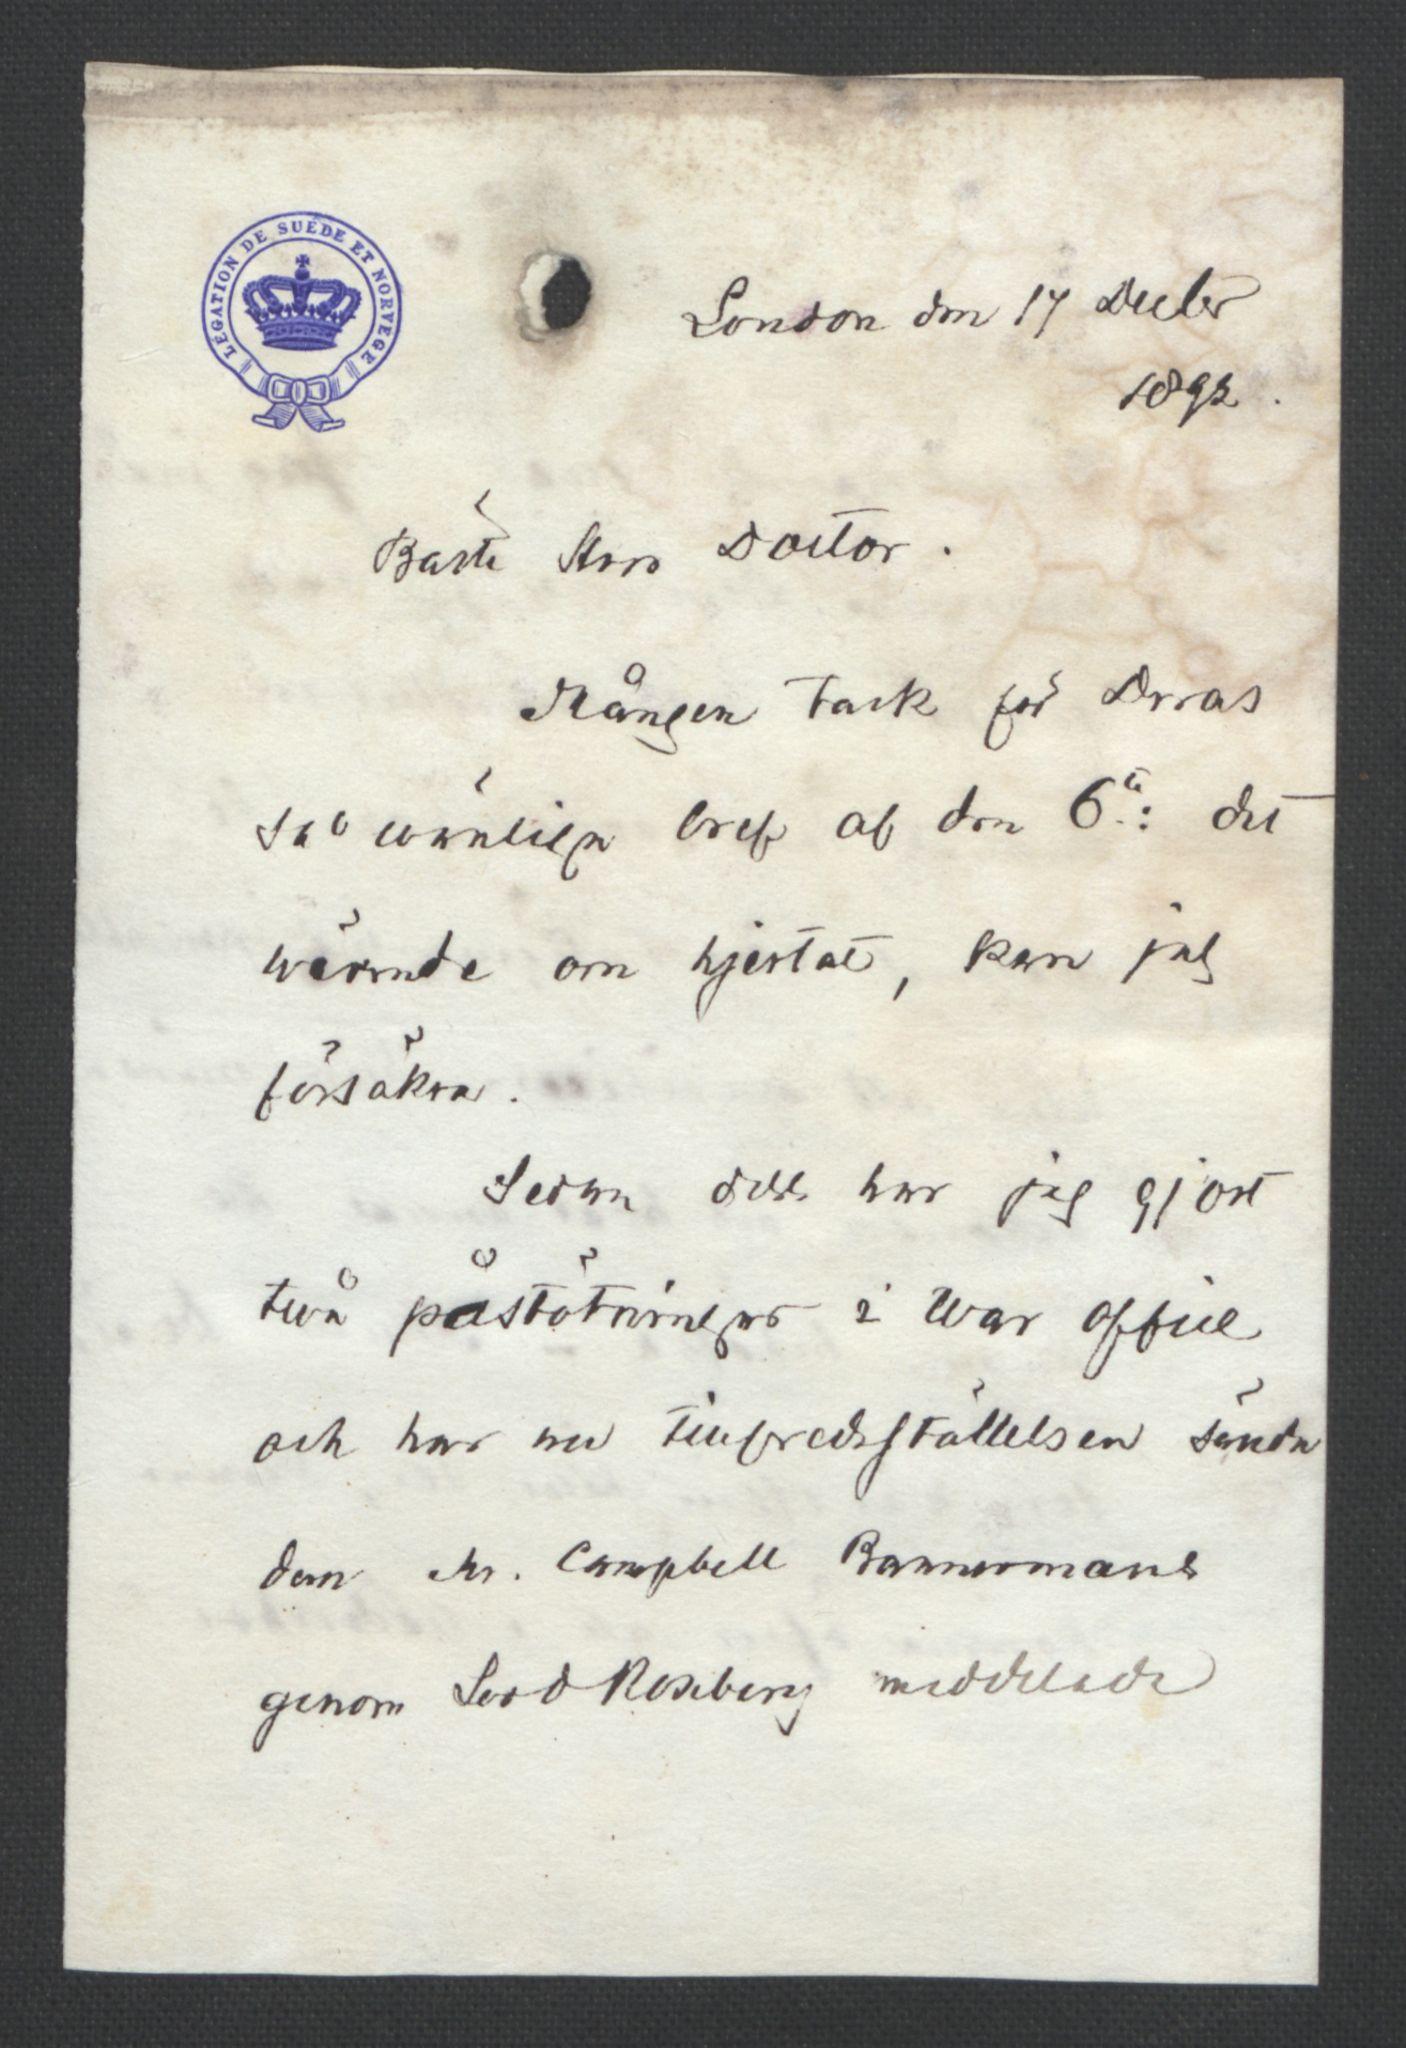 RA, Arbeidskomitéen for Fridtjof Nansens polarekspedisjon, D/L0003: Innk. brev og telegrammer vedr. proviant og utrustning, 1892-1893, s. 3